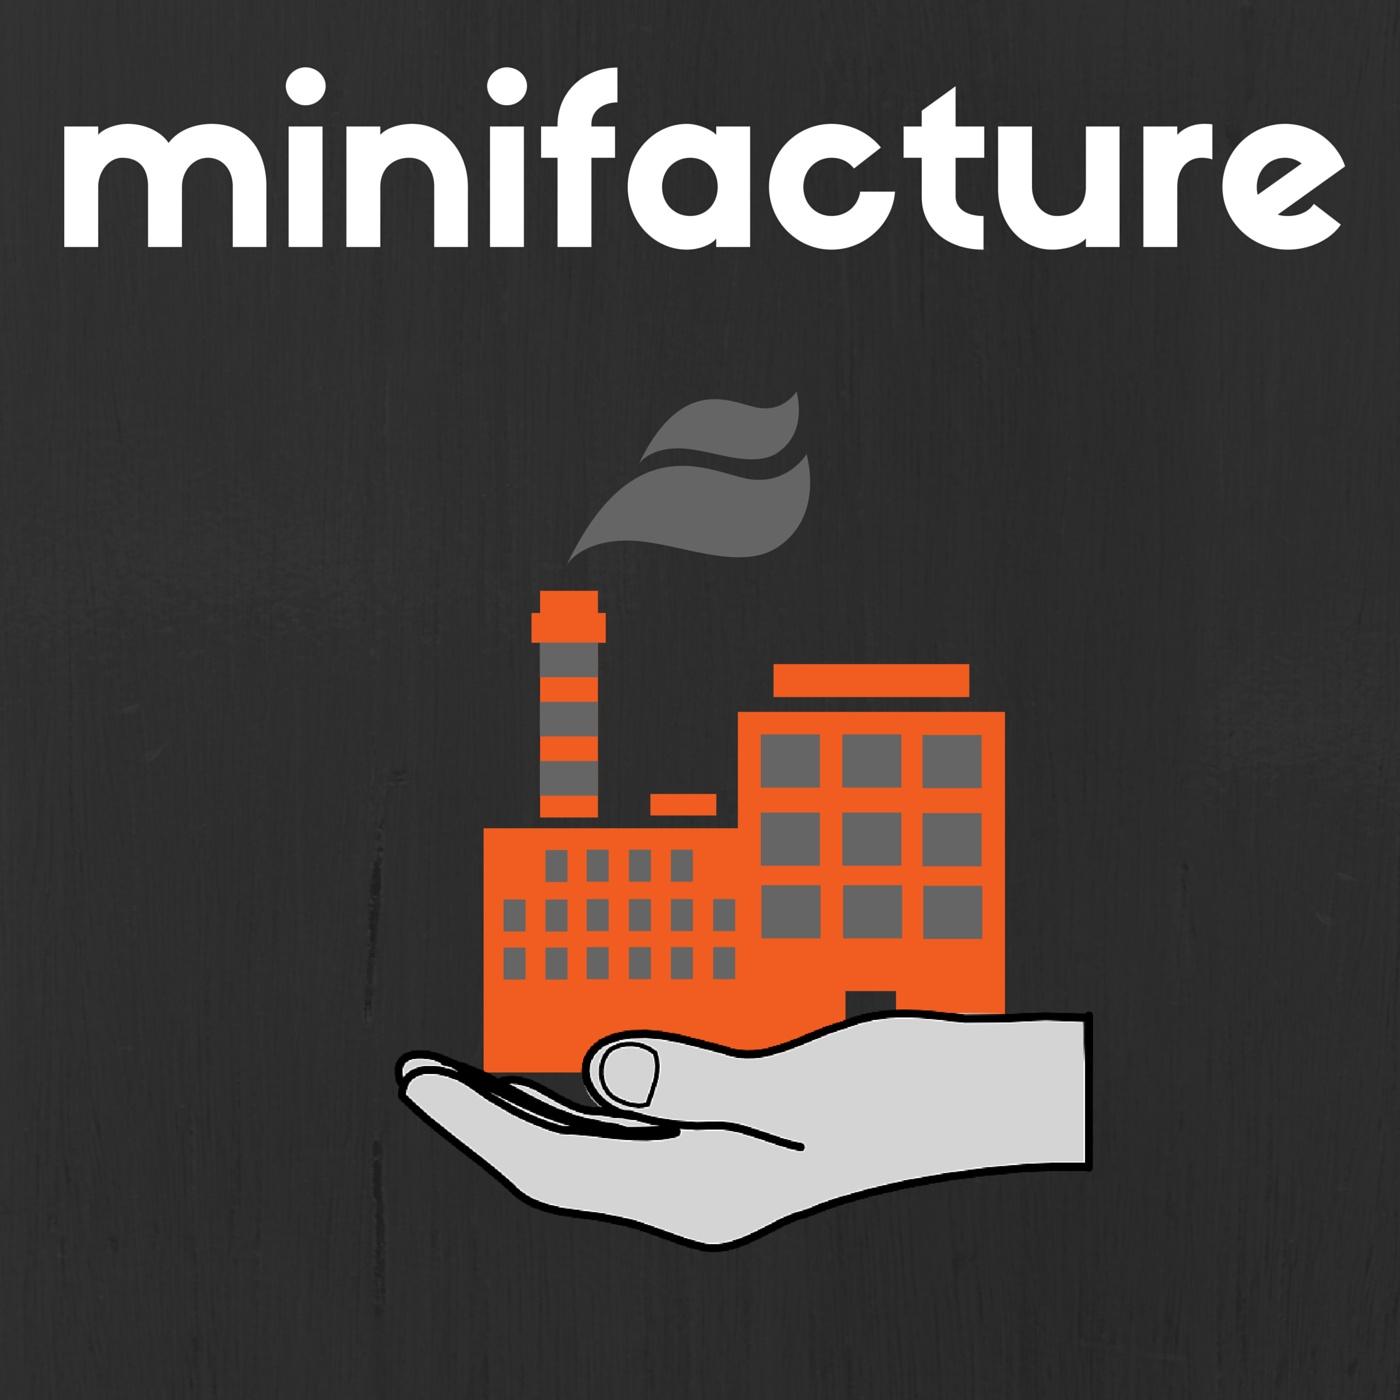 minifacture